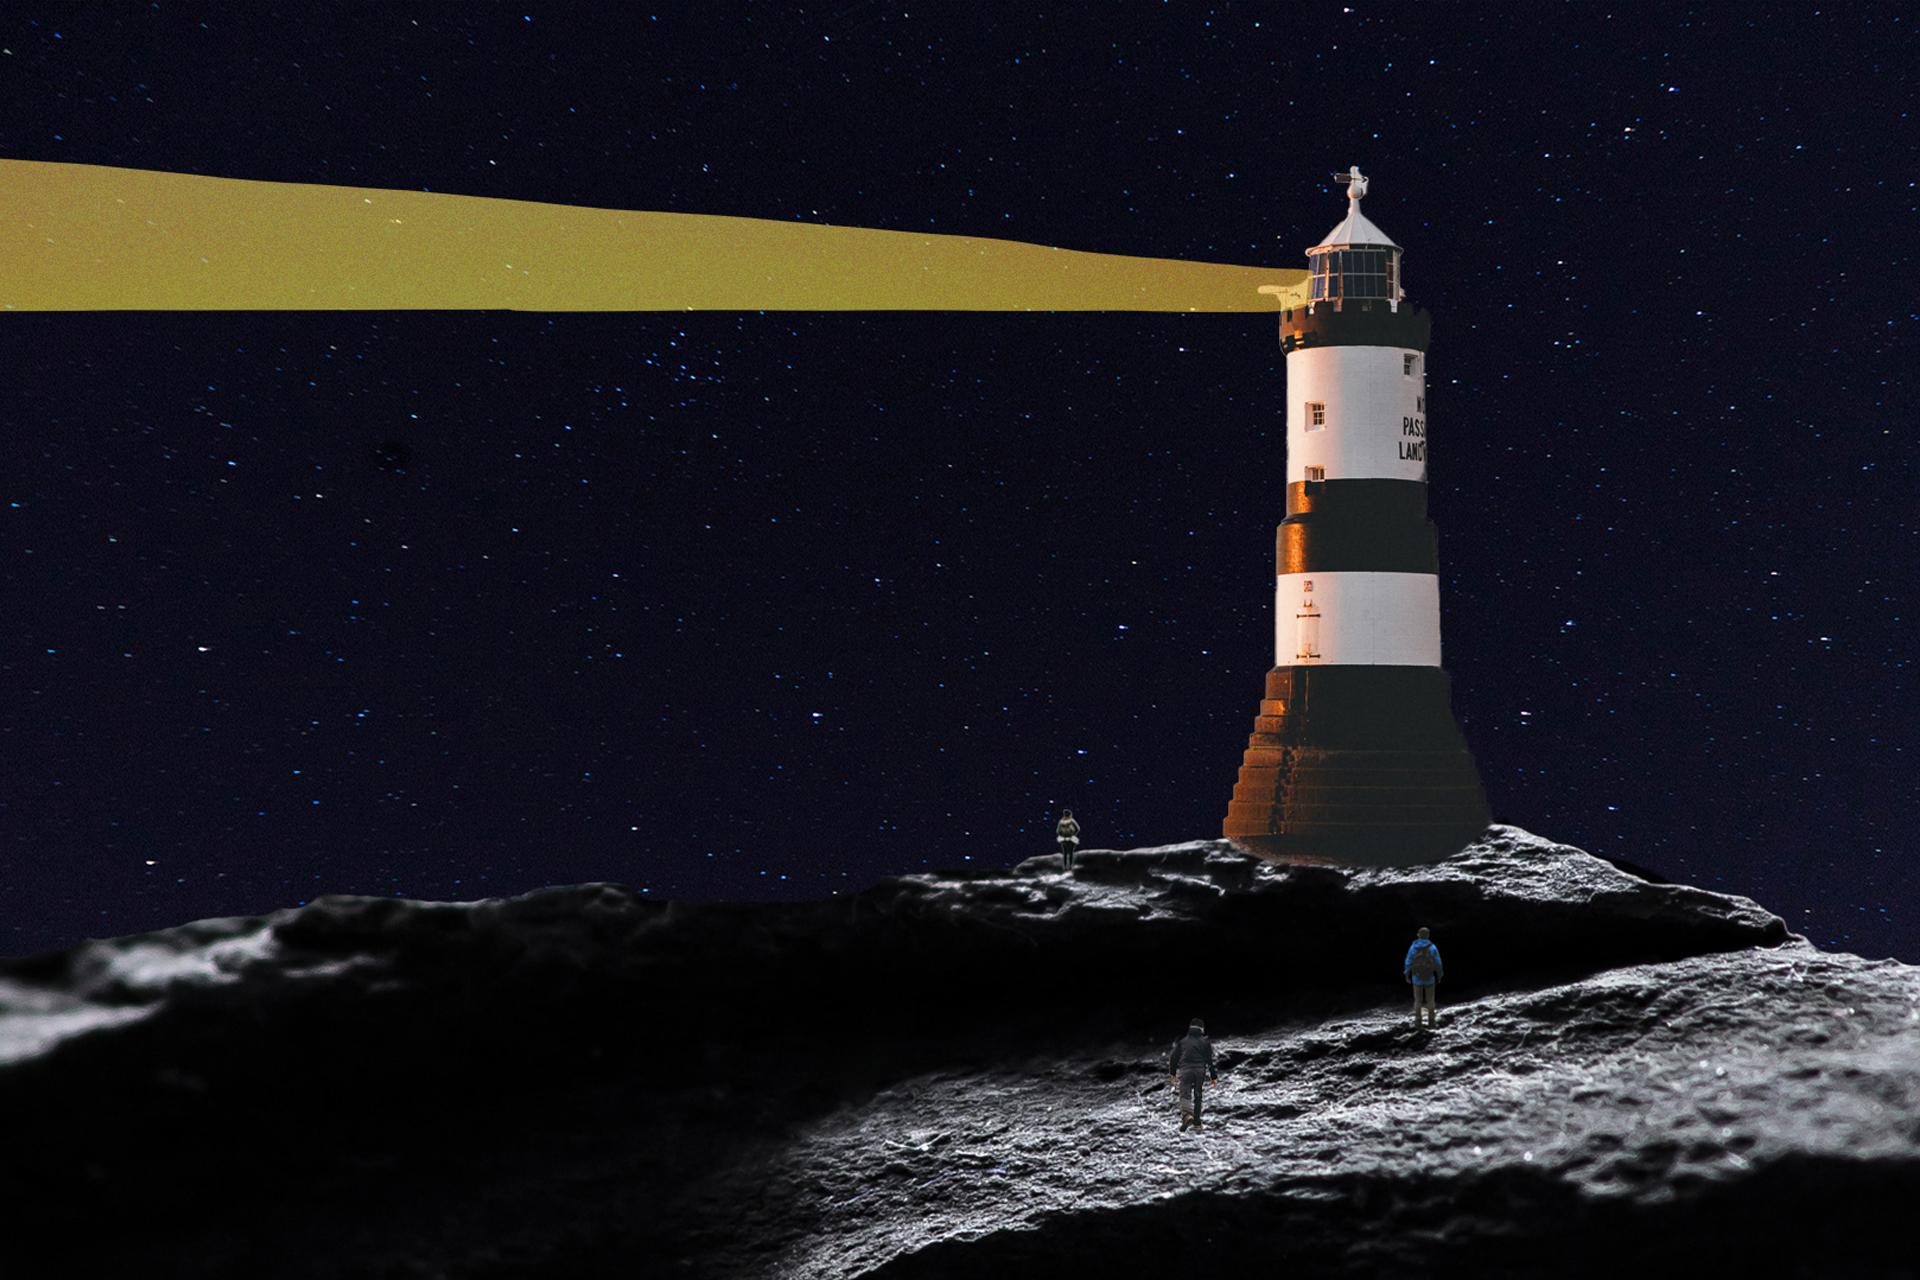 LighthouseID-1920x1280.jpg